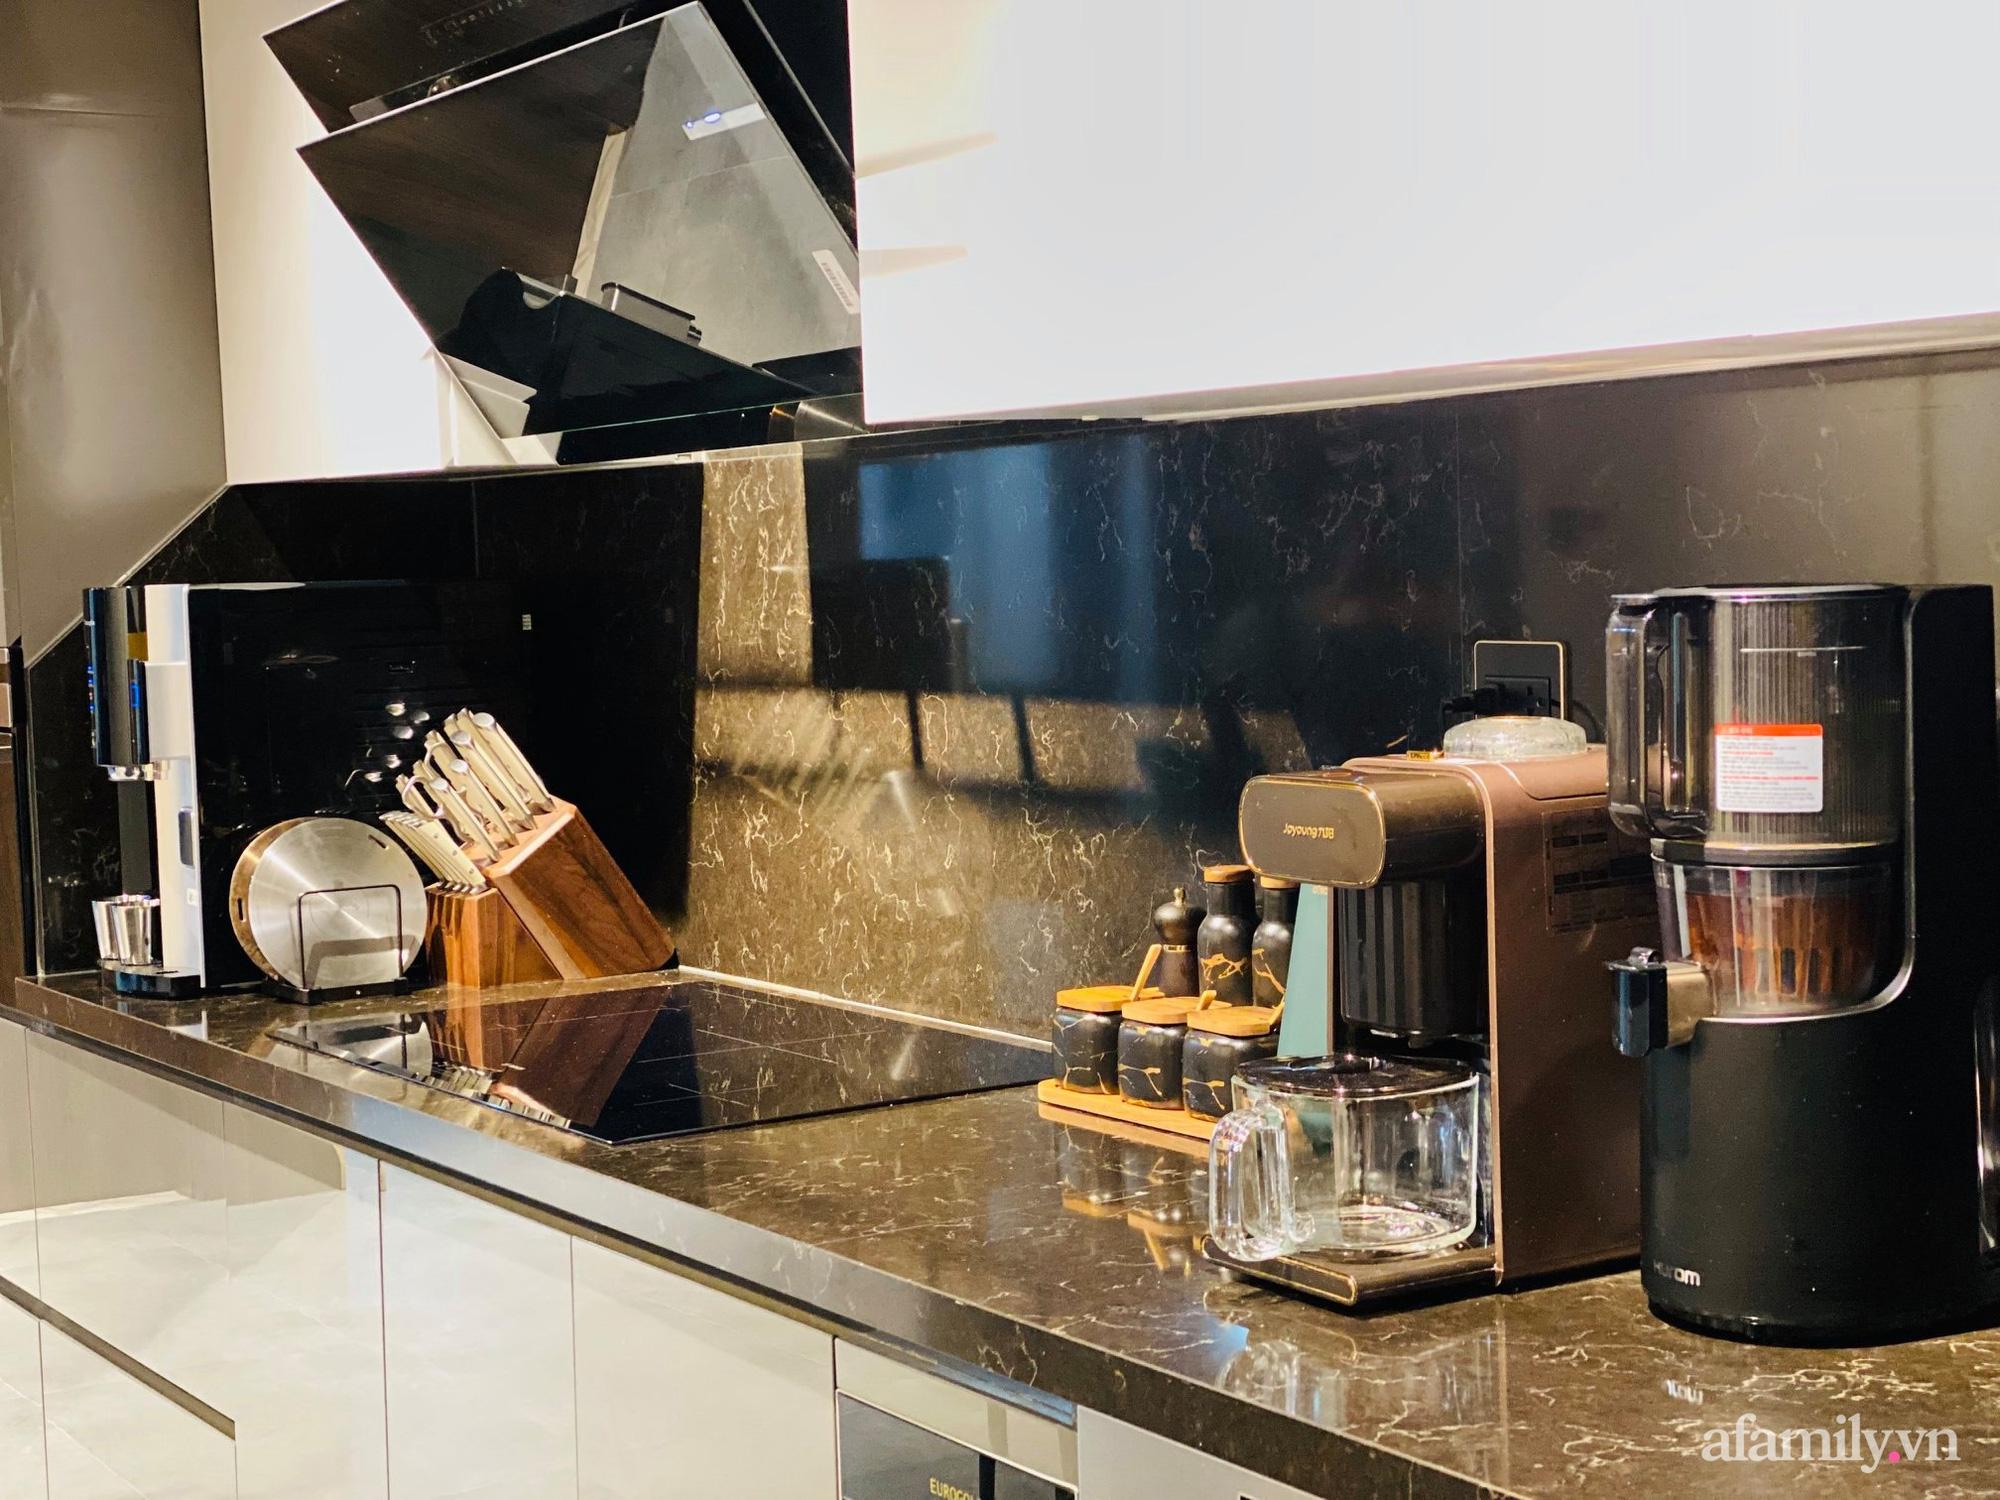 Căn bếp trong mơ với đủ đồ hiện đại của người phụ nữ xinh đẹp ở Hà Nội - Ảnh 1.